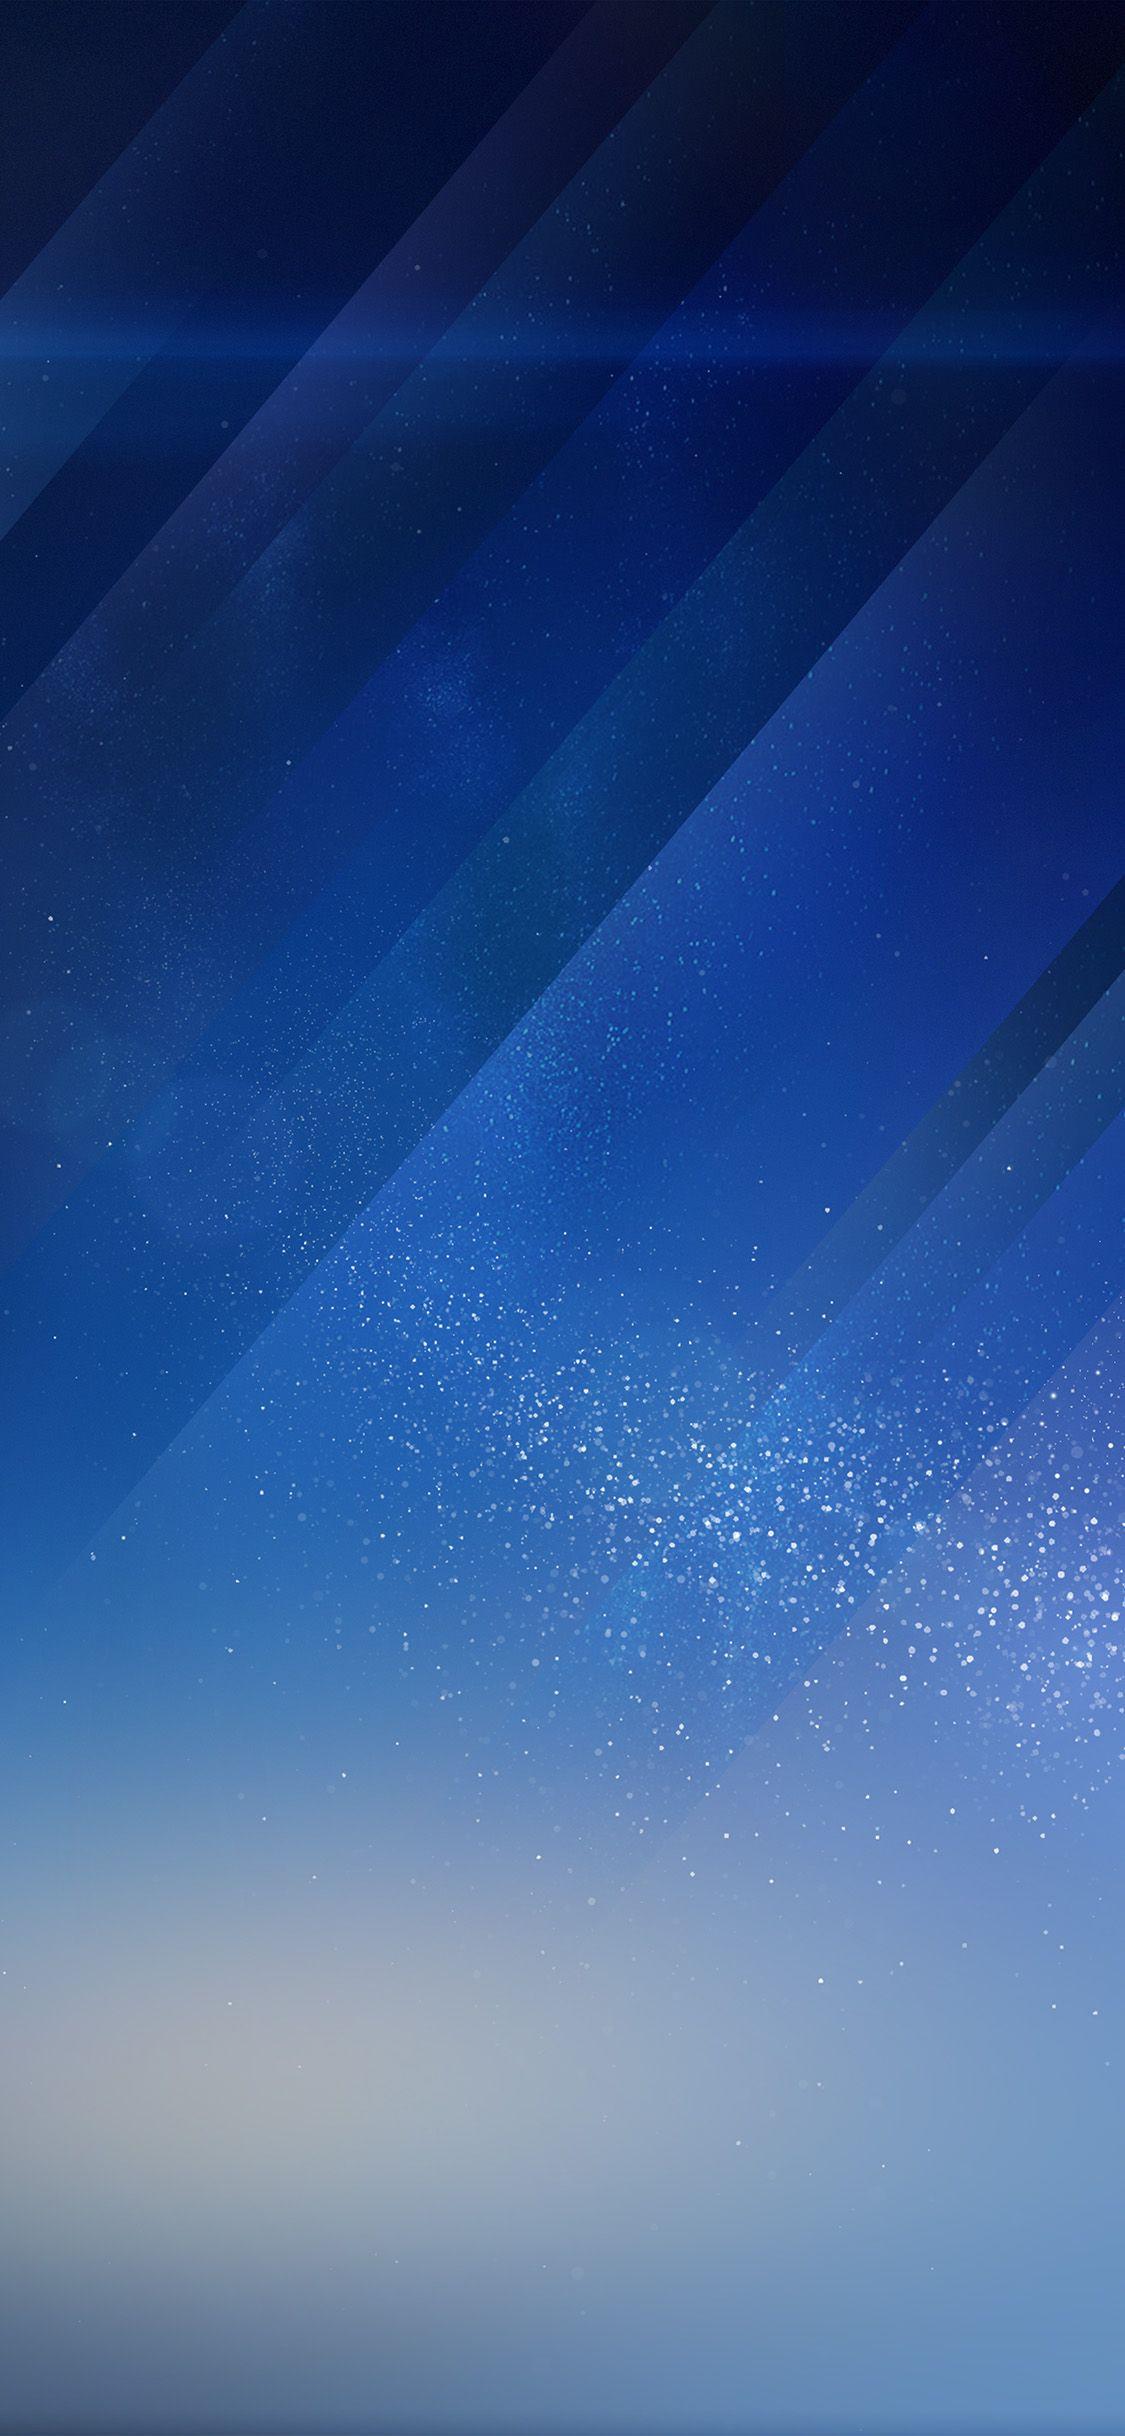 Blue pattern wallpaper